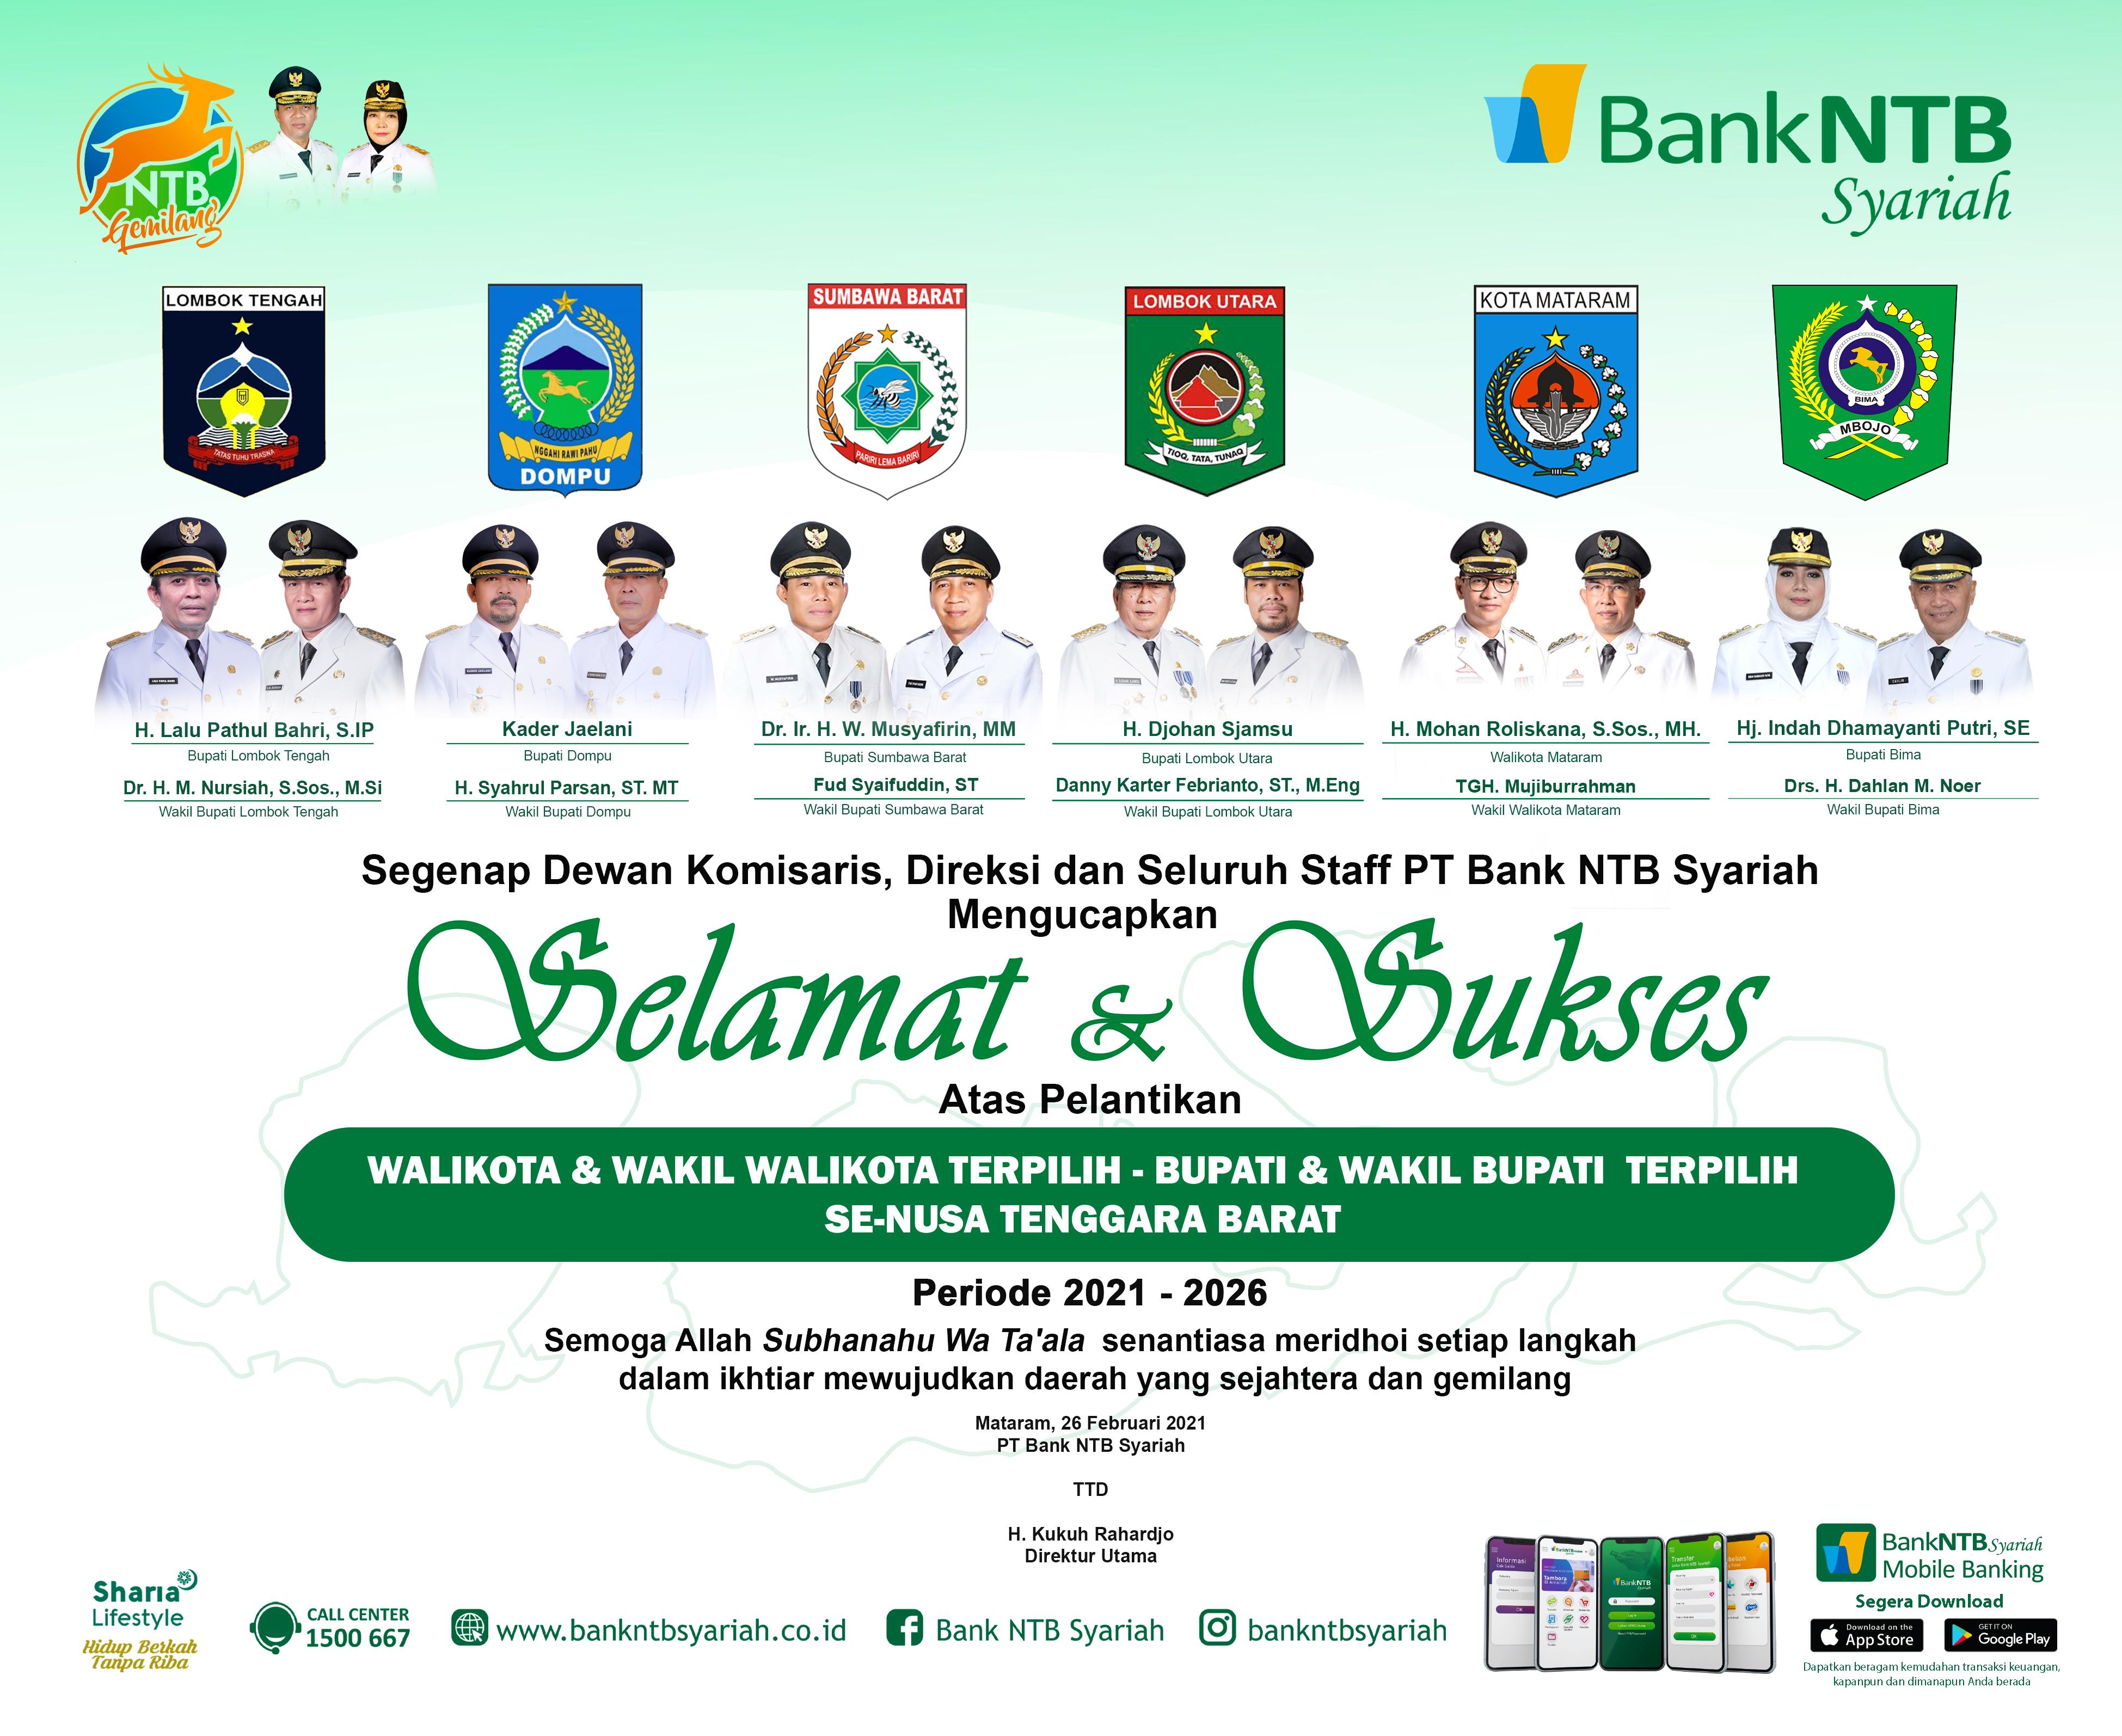 Selamat-Sukses-atas-Pelantikan-Walikota-dan-Wakil-Walikota-terpilih-Bupati-dan-Wakil-Bupati-terpilih-se-Nusa-Tenggara-Barat.html